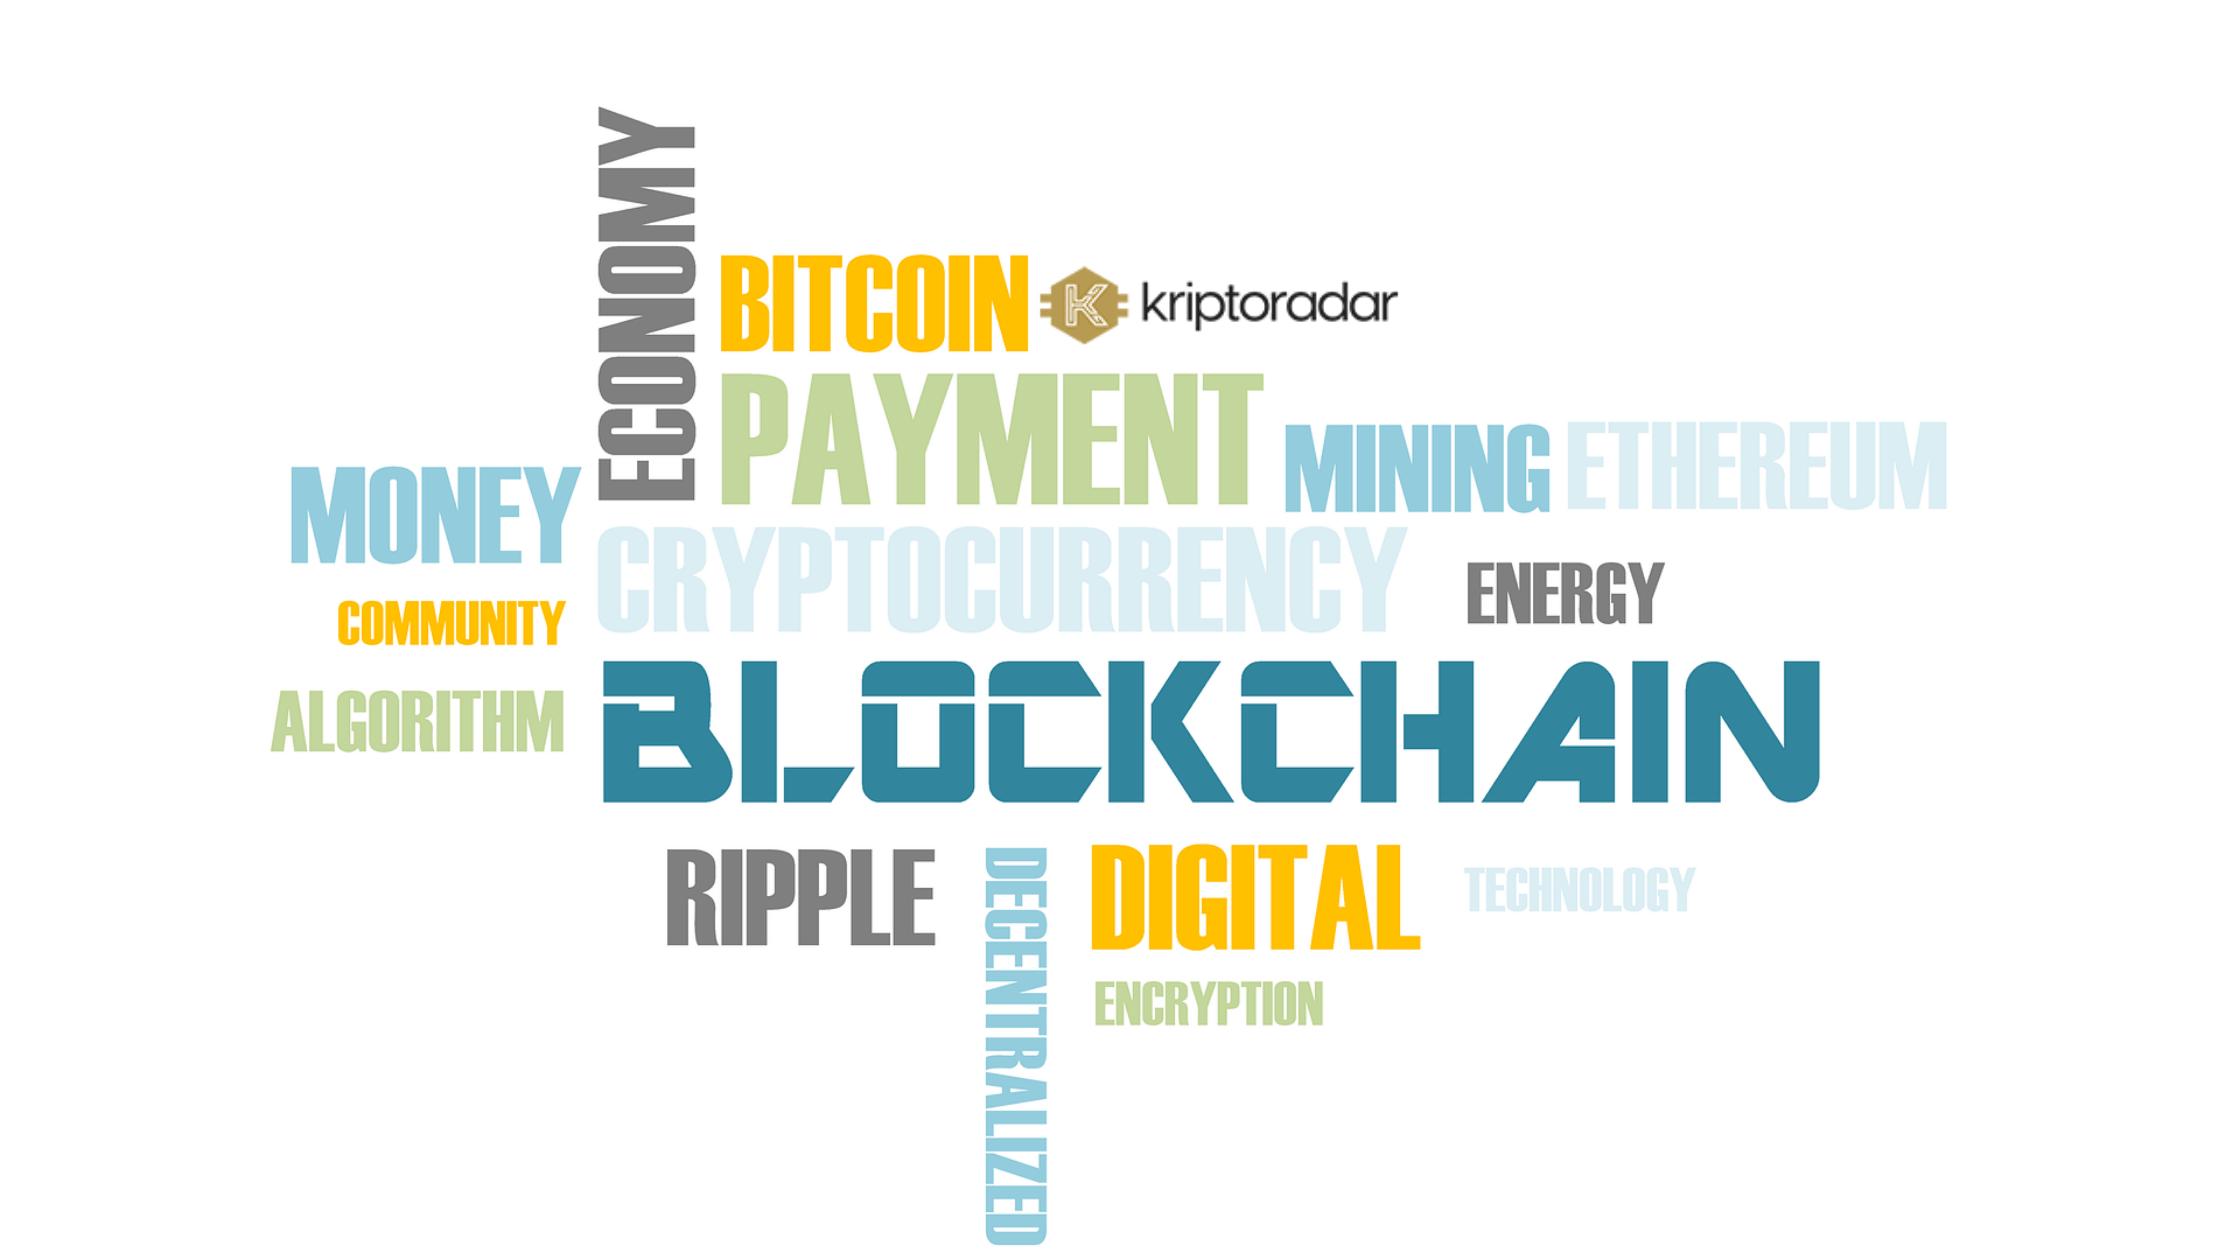 Blok zinciri parayı ve işi nasıl değiştiriyor